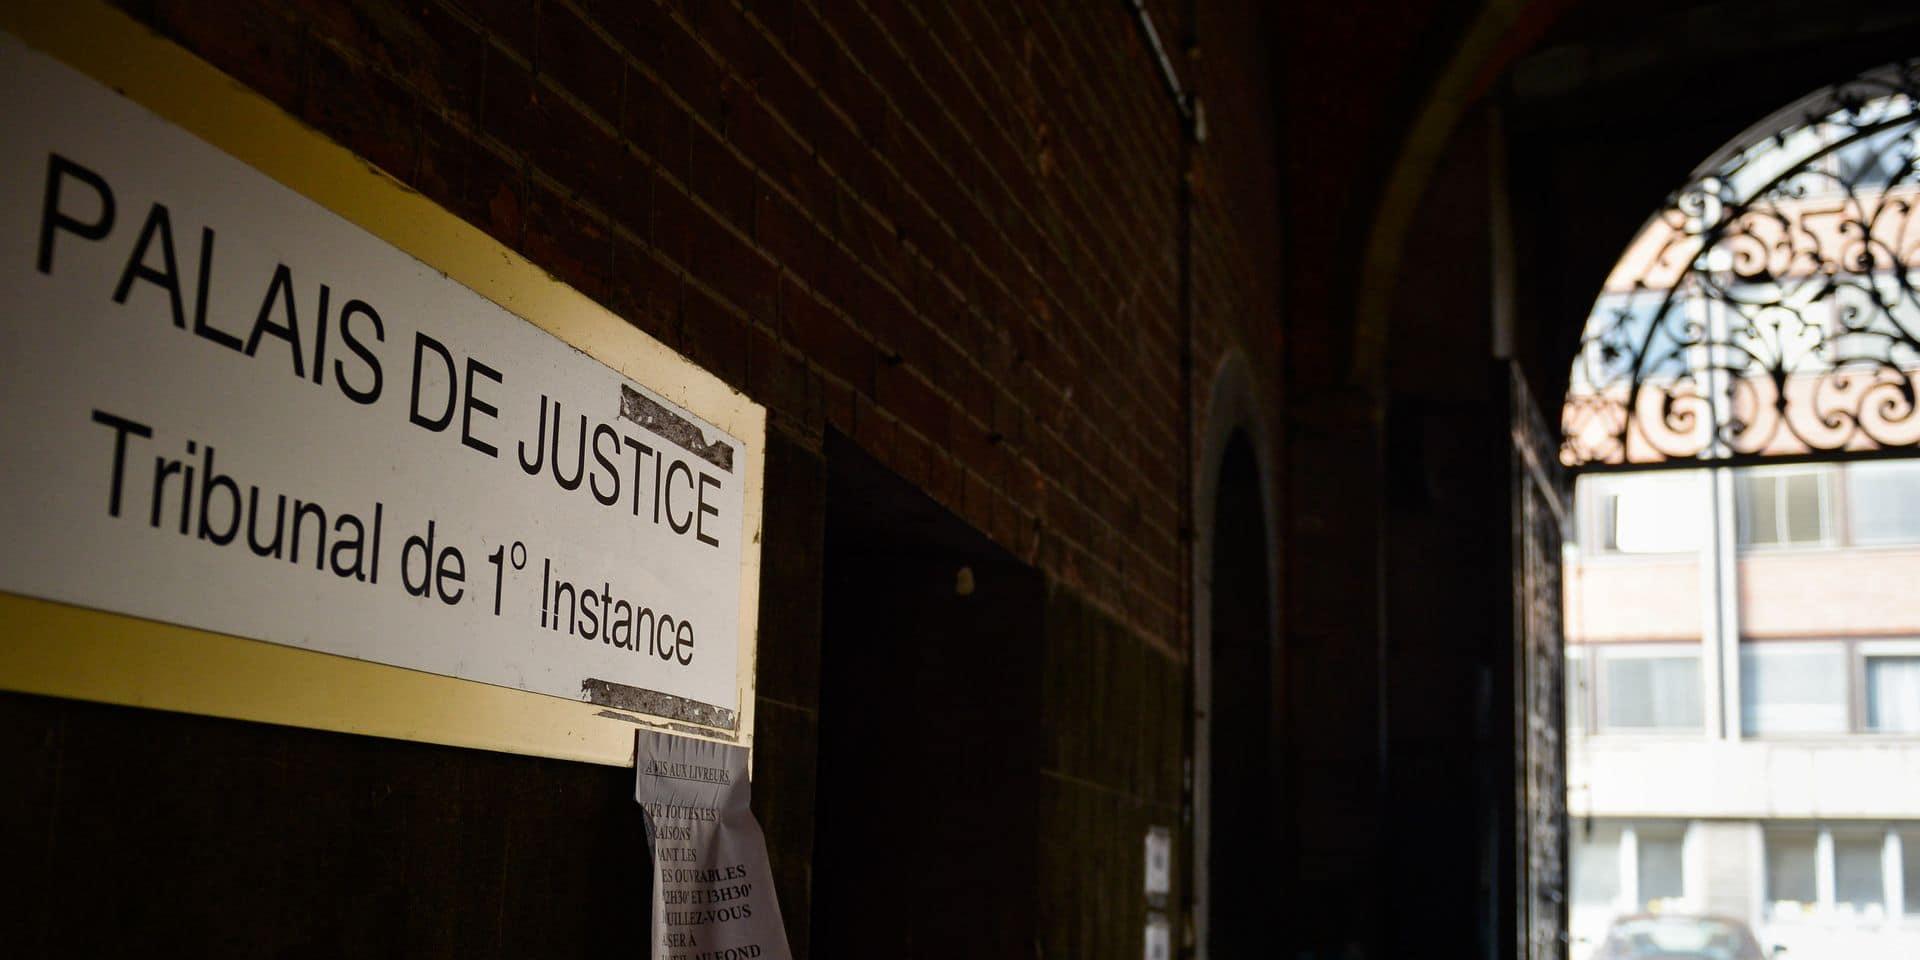 Les palais de justice de Namur (cette photographie) et Dinant devraient déjà être sortis de terre. Mais rien ne bouge. Sont-ils menacés?